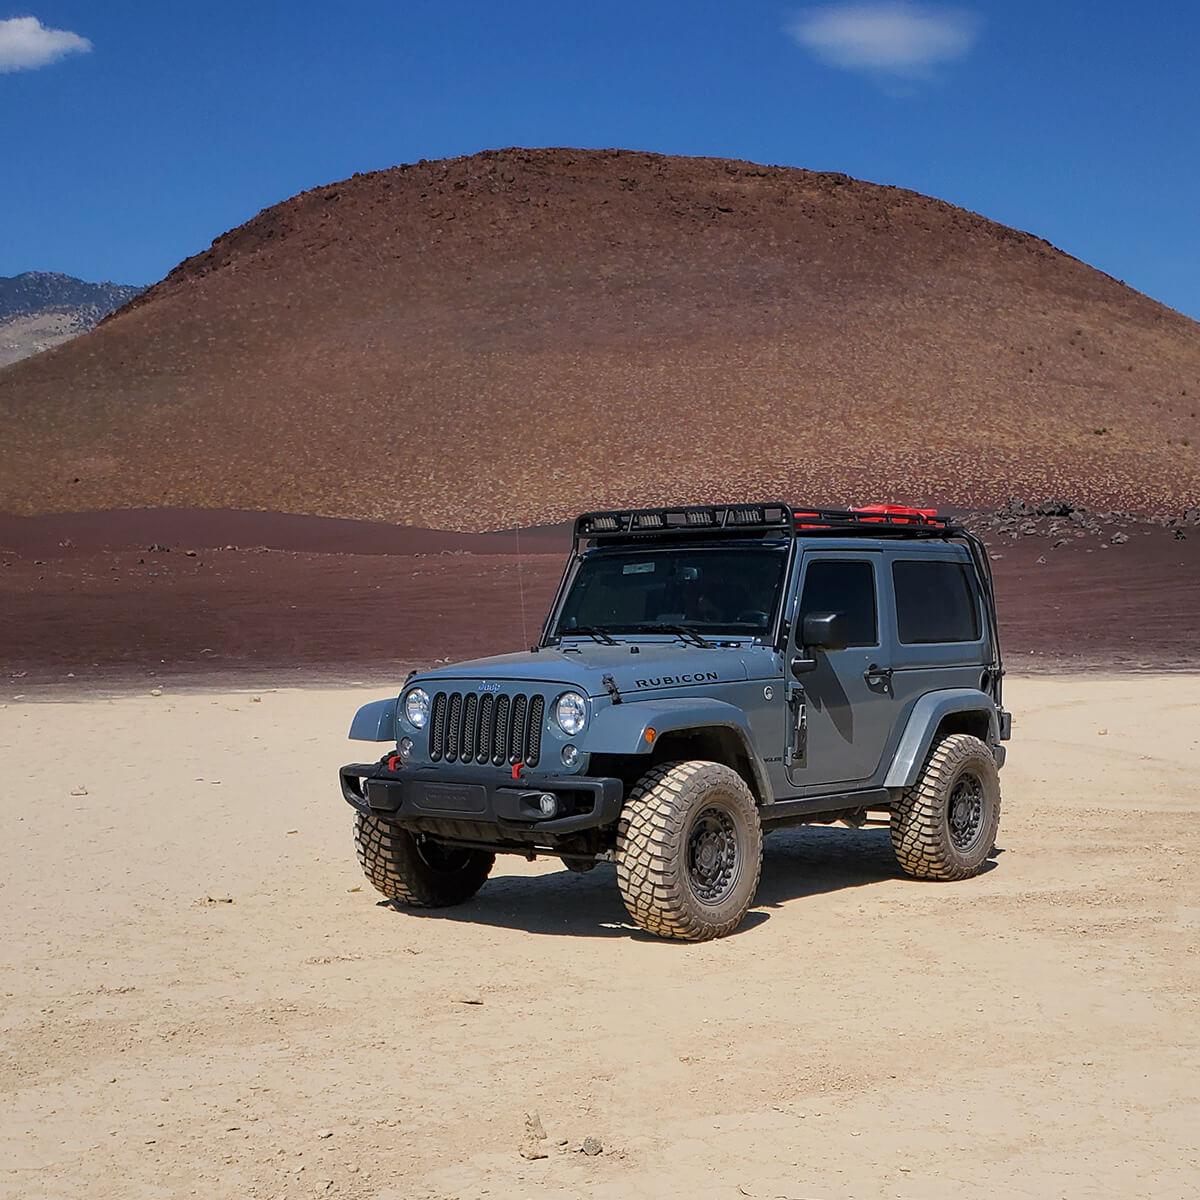 Light blue lifted jeep Wrangler rubicon in the desert sands